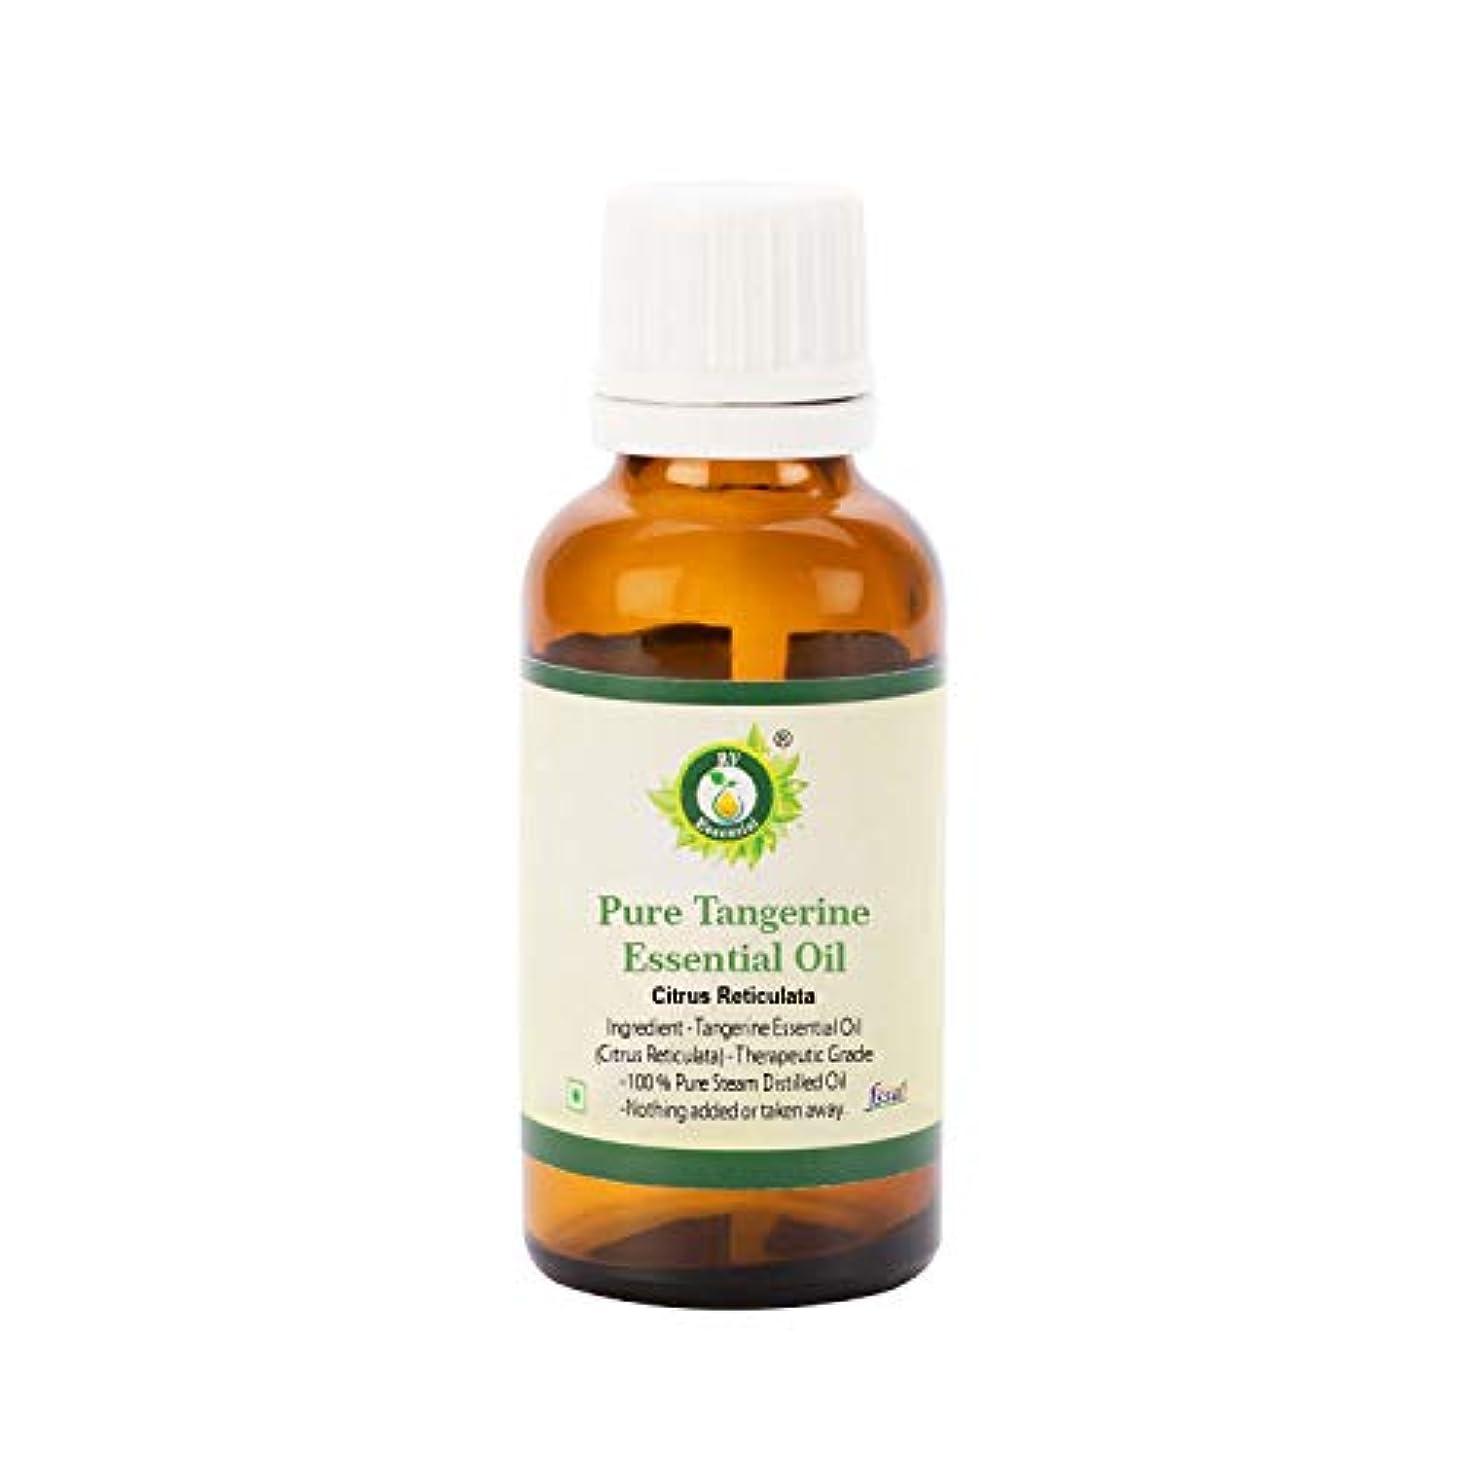 アンプ骨の折れるイブニングR V Essential ピュアタンジェリンエッセンシャルオイル50ml (1.69oz)- Citrus Reticulata (100%純粋&天然スチームDistilled) Pure Tangerine Essential...